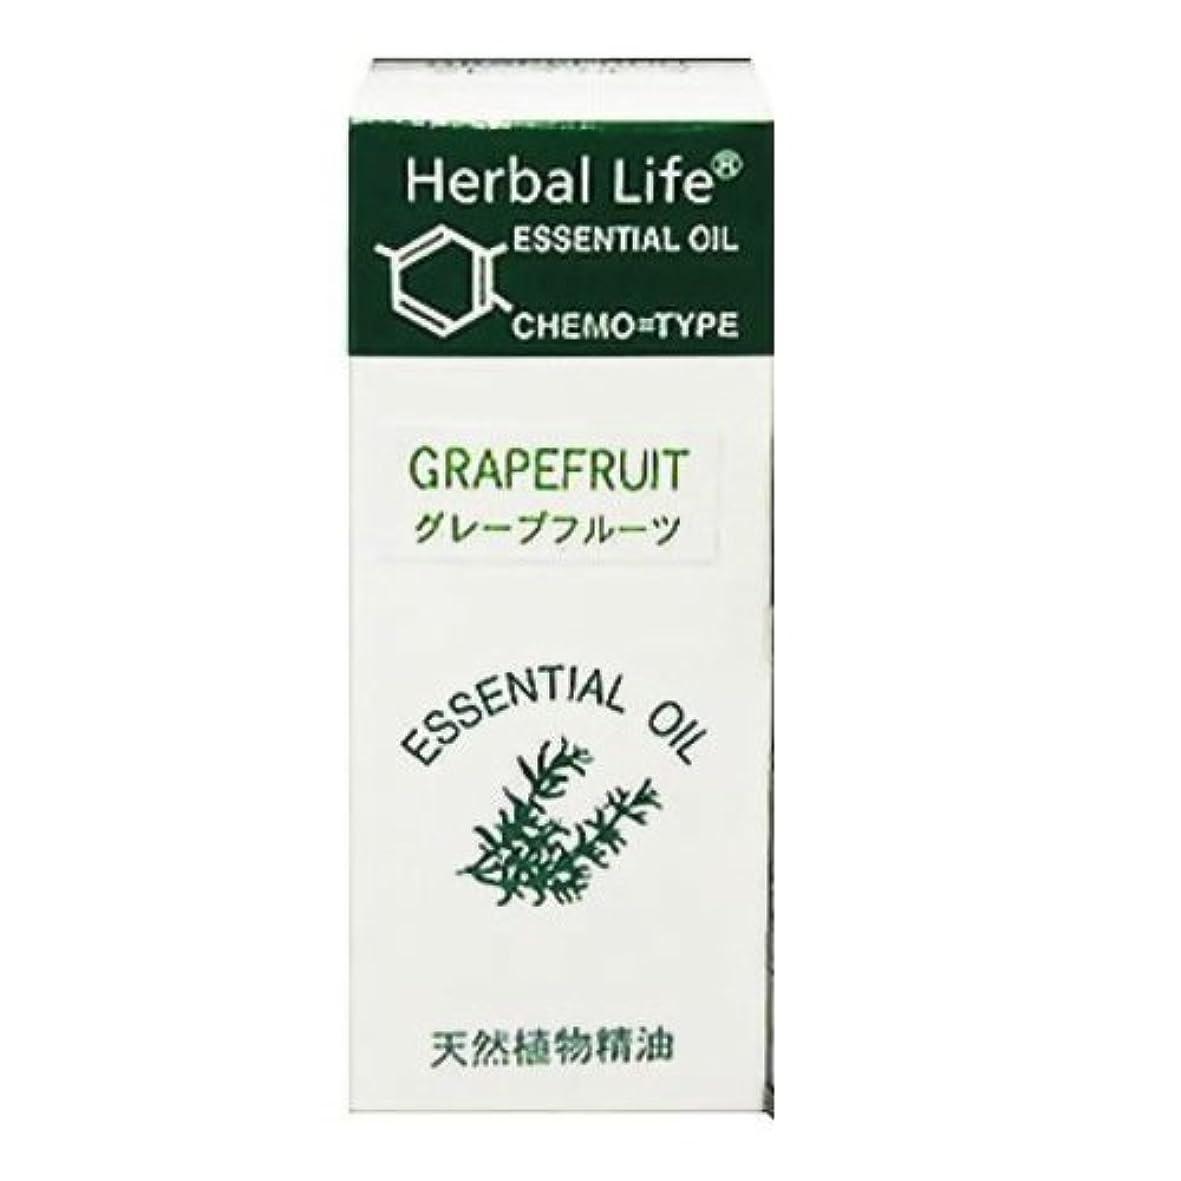 クラックポットメタン星生活の木 エッセンシャルオイル グレープフルーツ 10ml